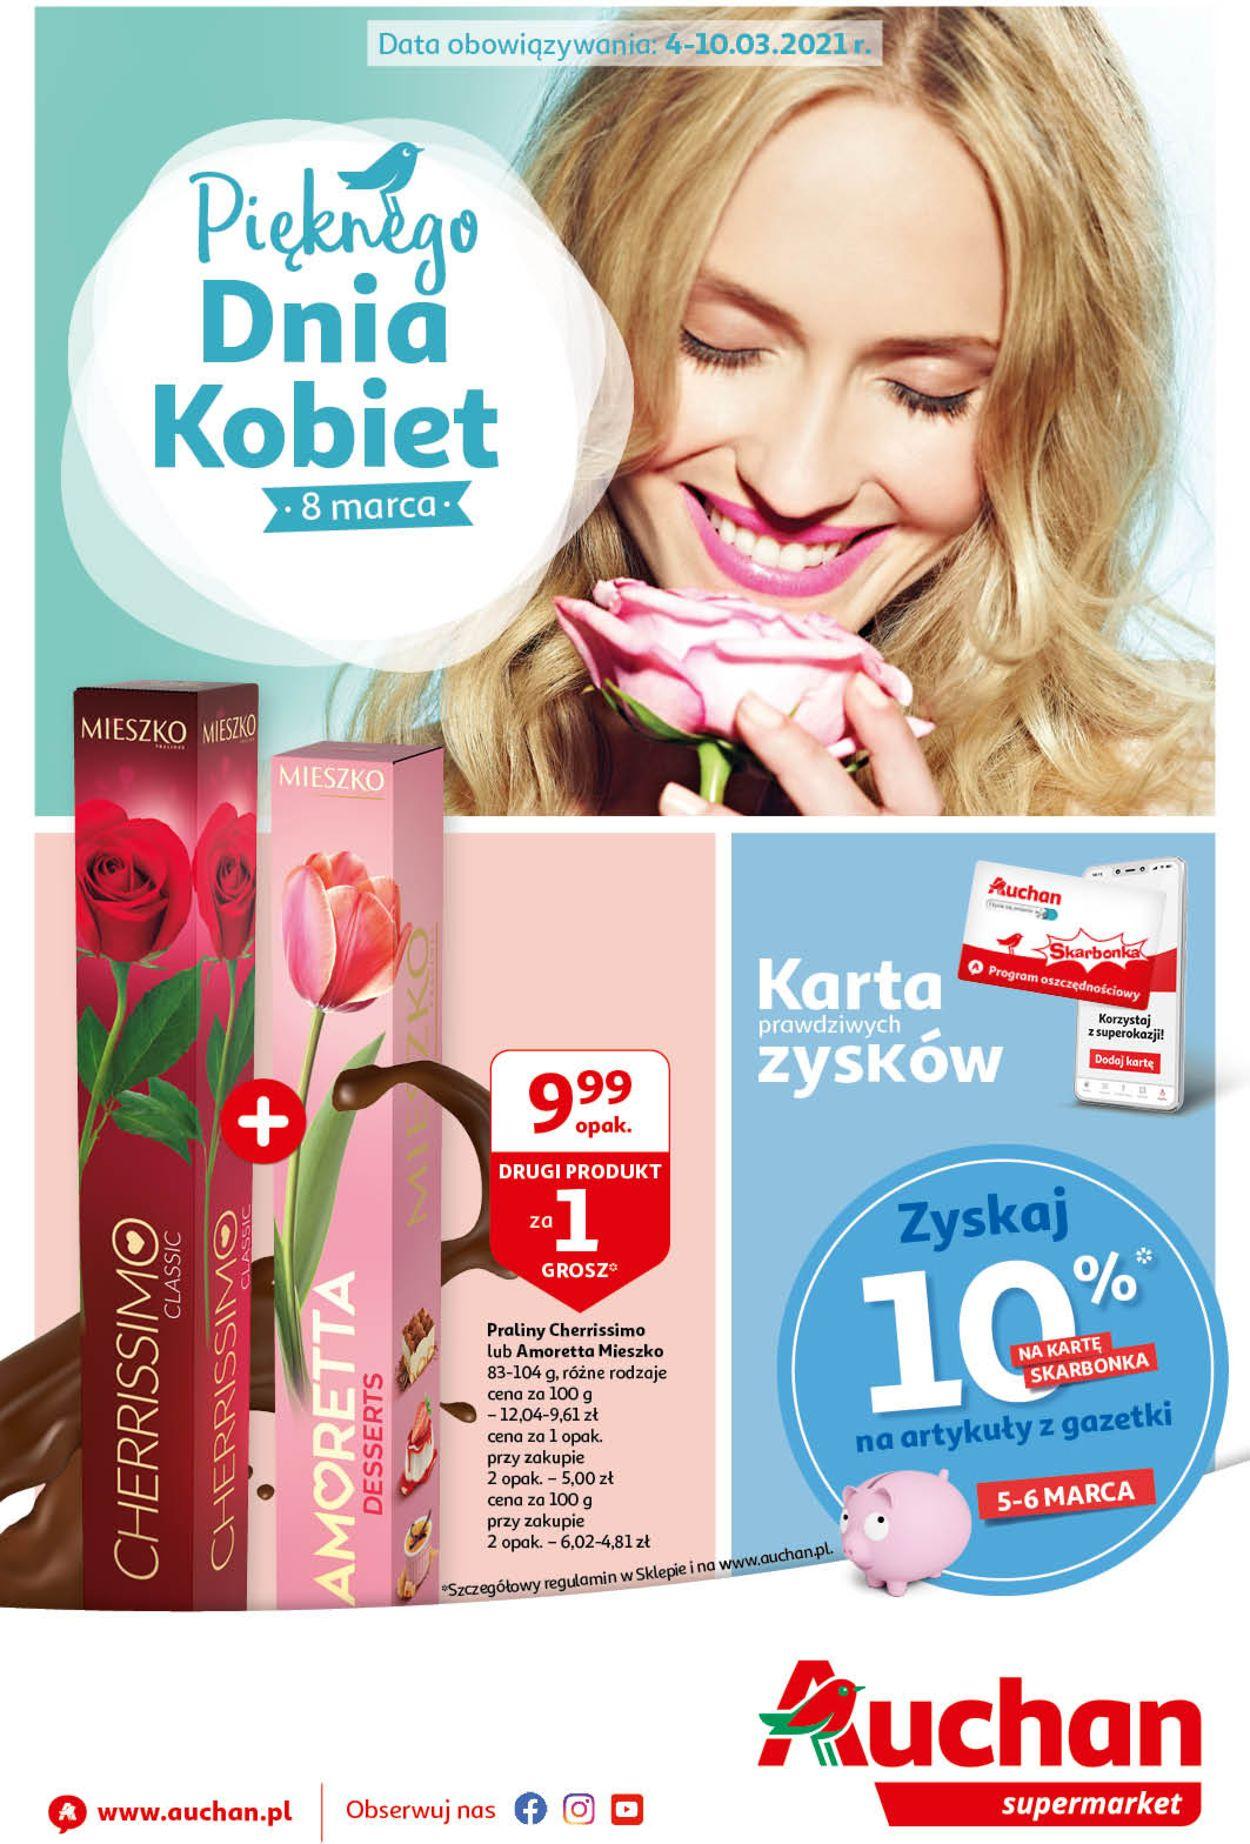 Gazetka promocyjna Auchan Dzień Kobiet 2021 - 04.03-10.03.2021